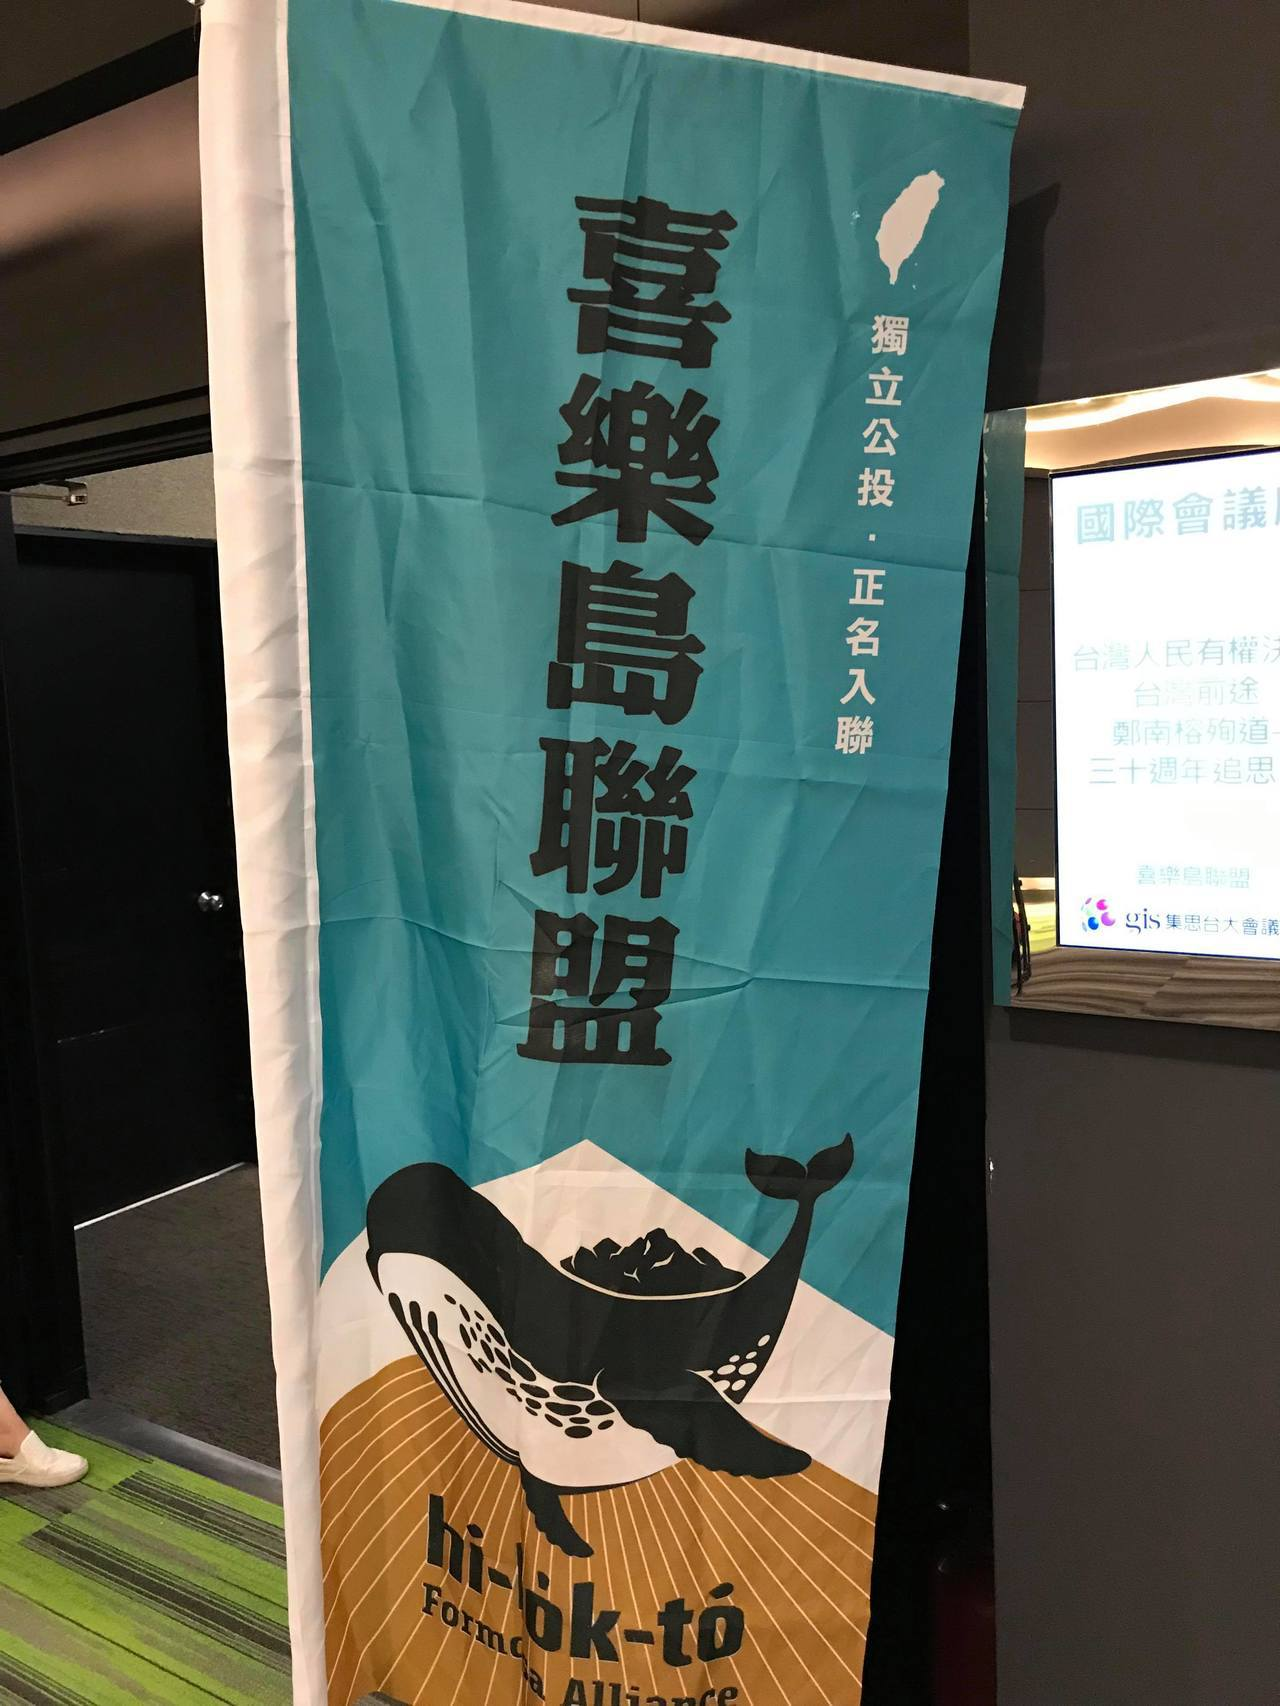 喜樂島聯盟宣布代表色是「台灣青」與綠色陣營(民進黨)做區隔。記者林麒瑋/攝影